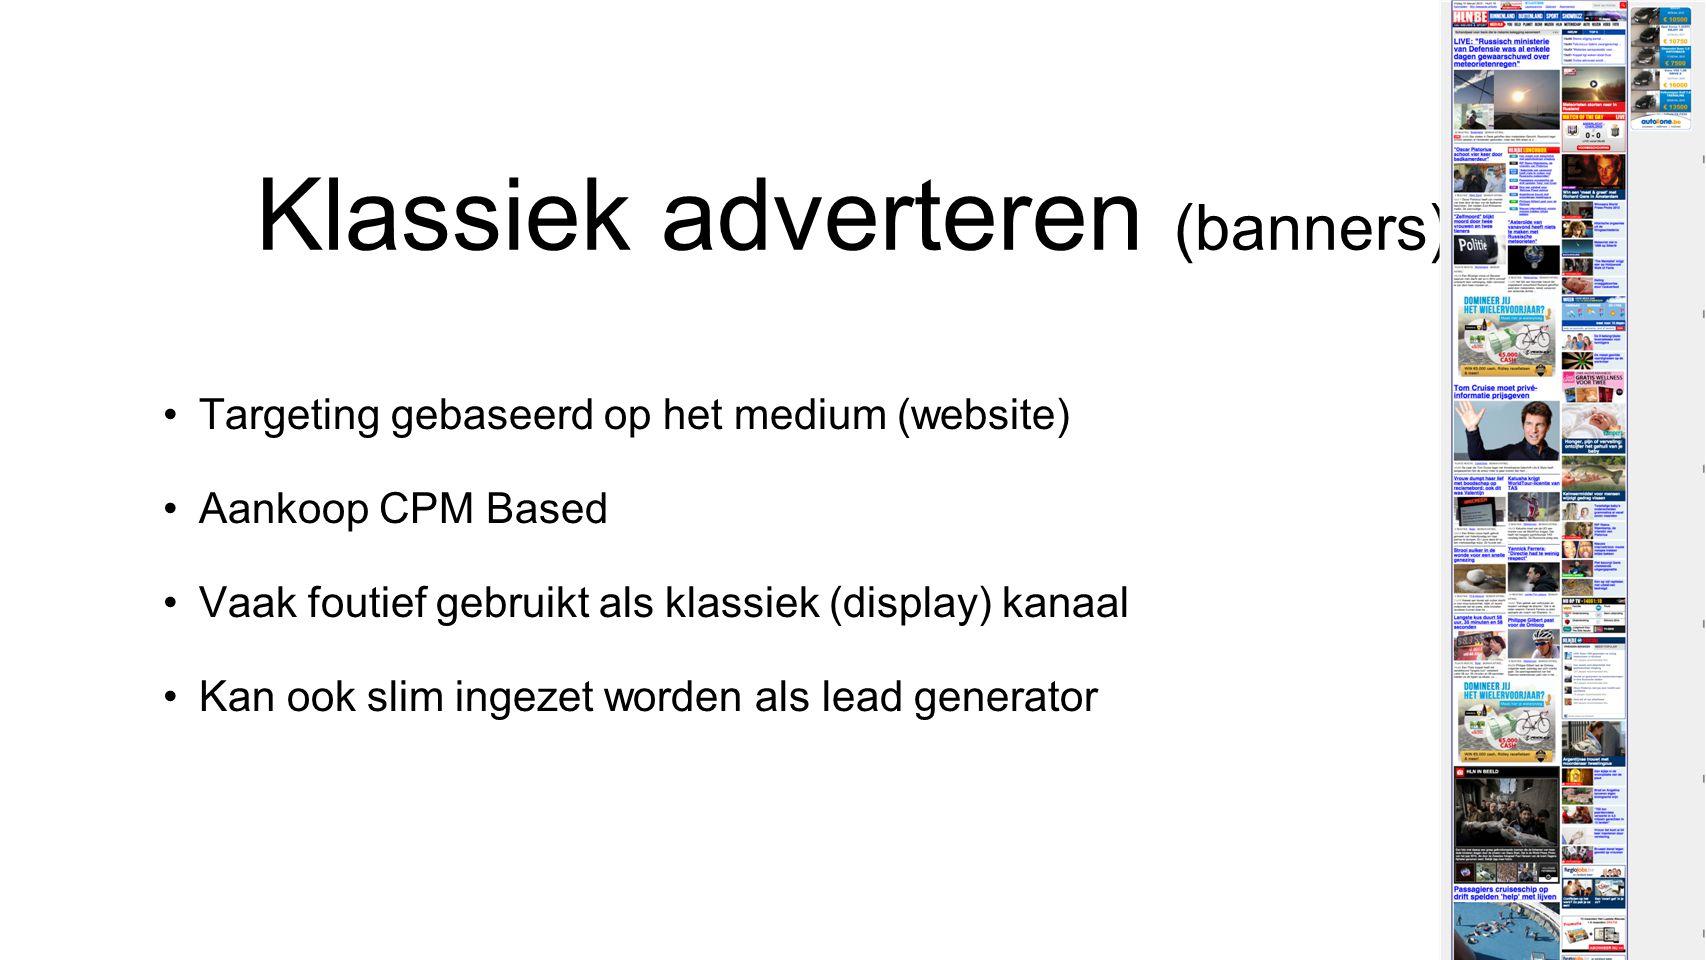 Klassiek adverteren (banners) •Targeting gebaseerd op het medium (website) •Aankoop CPM Based •Vaak foutief gebruikt als klassiek (display) kanaal •Kan ook slim ingezet worden als lead generator